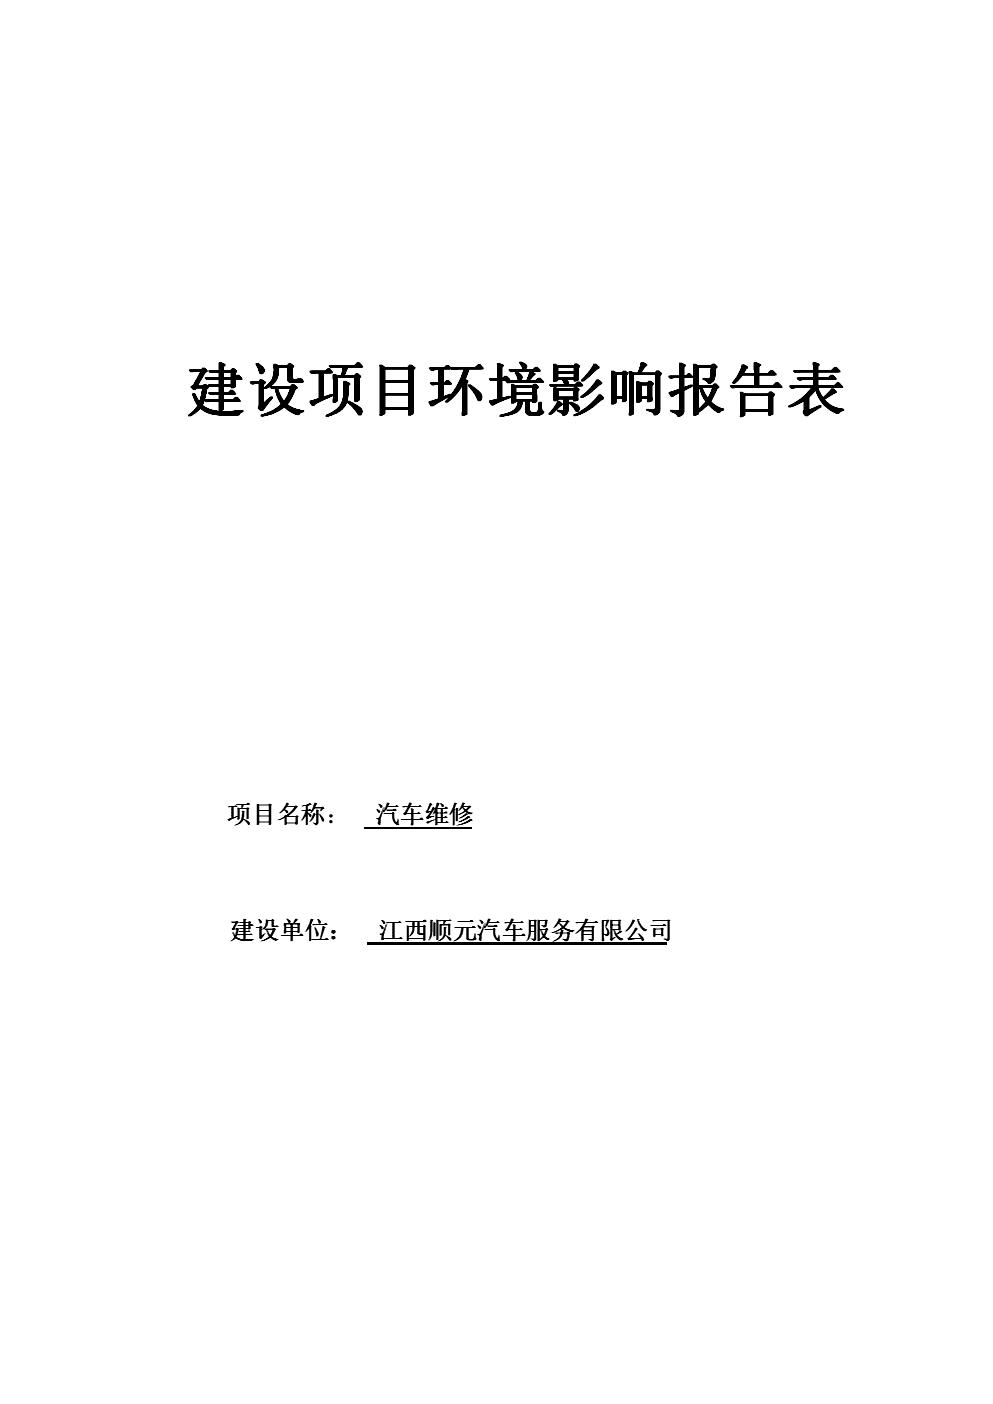 汽车维修项目环境影响报告表.docx